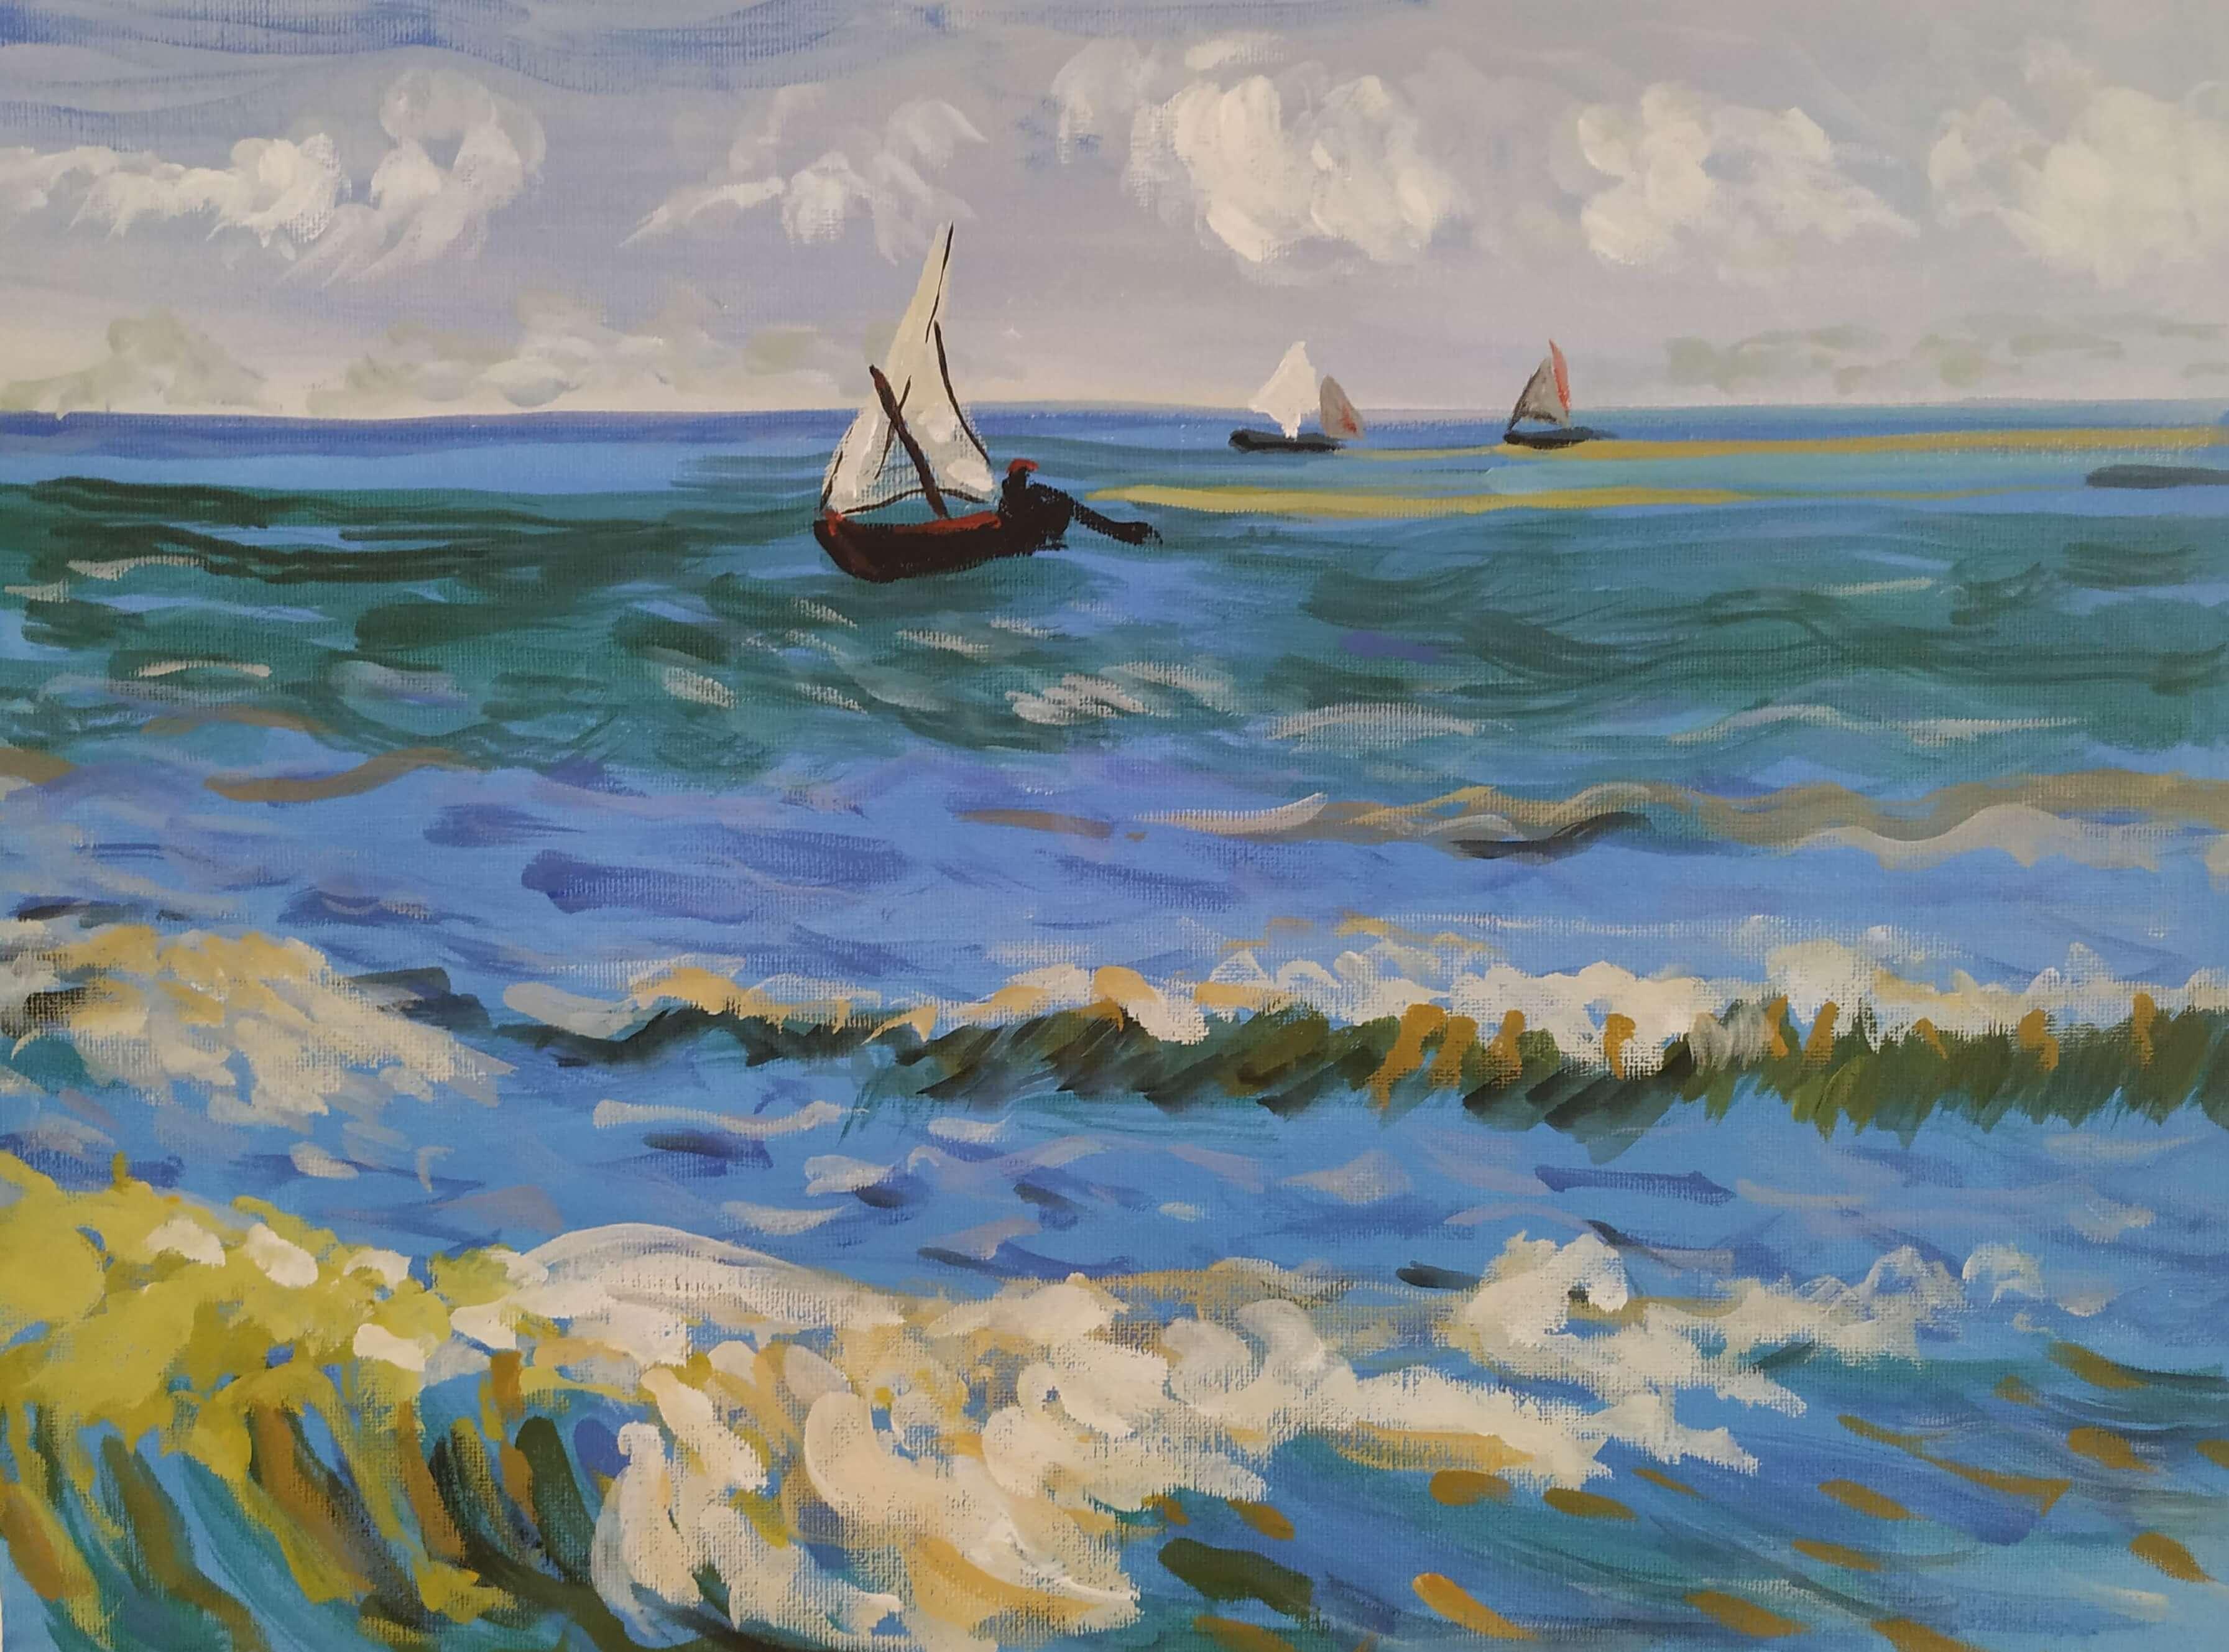 """Вино, забавление и рисуване с акрил  """"Морски пейзаж близо до Сен Мари де ла Мер"""" на Винсент Ван Гог 01.07.2021 г."""